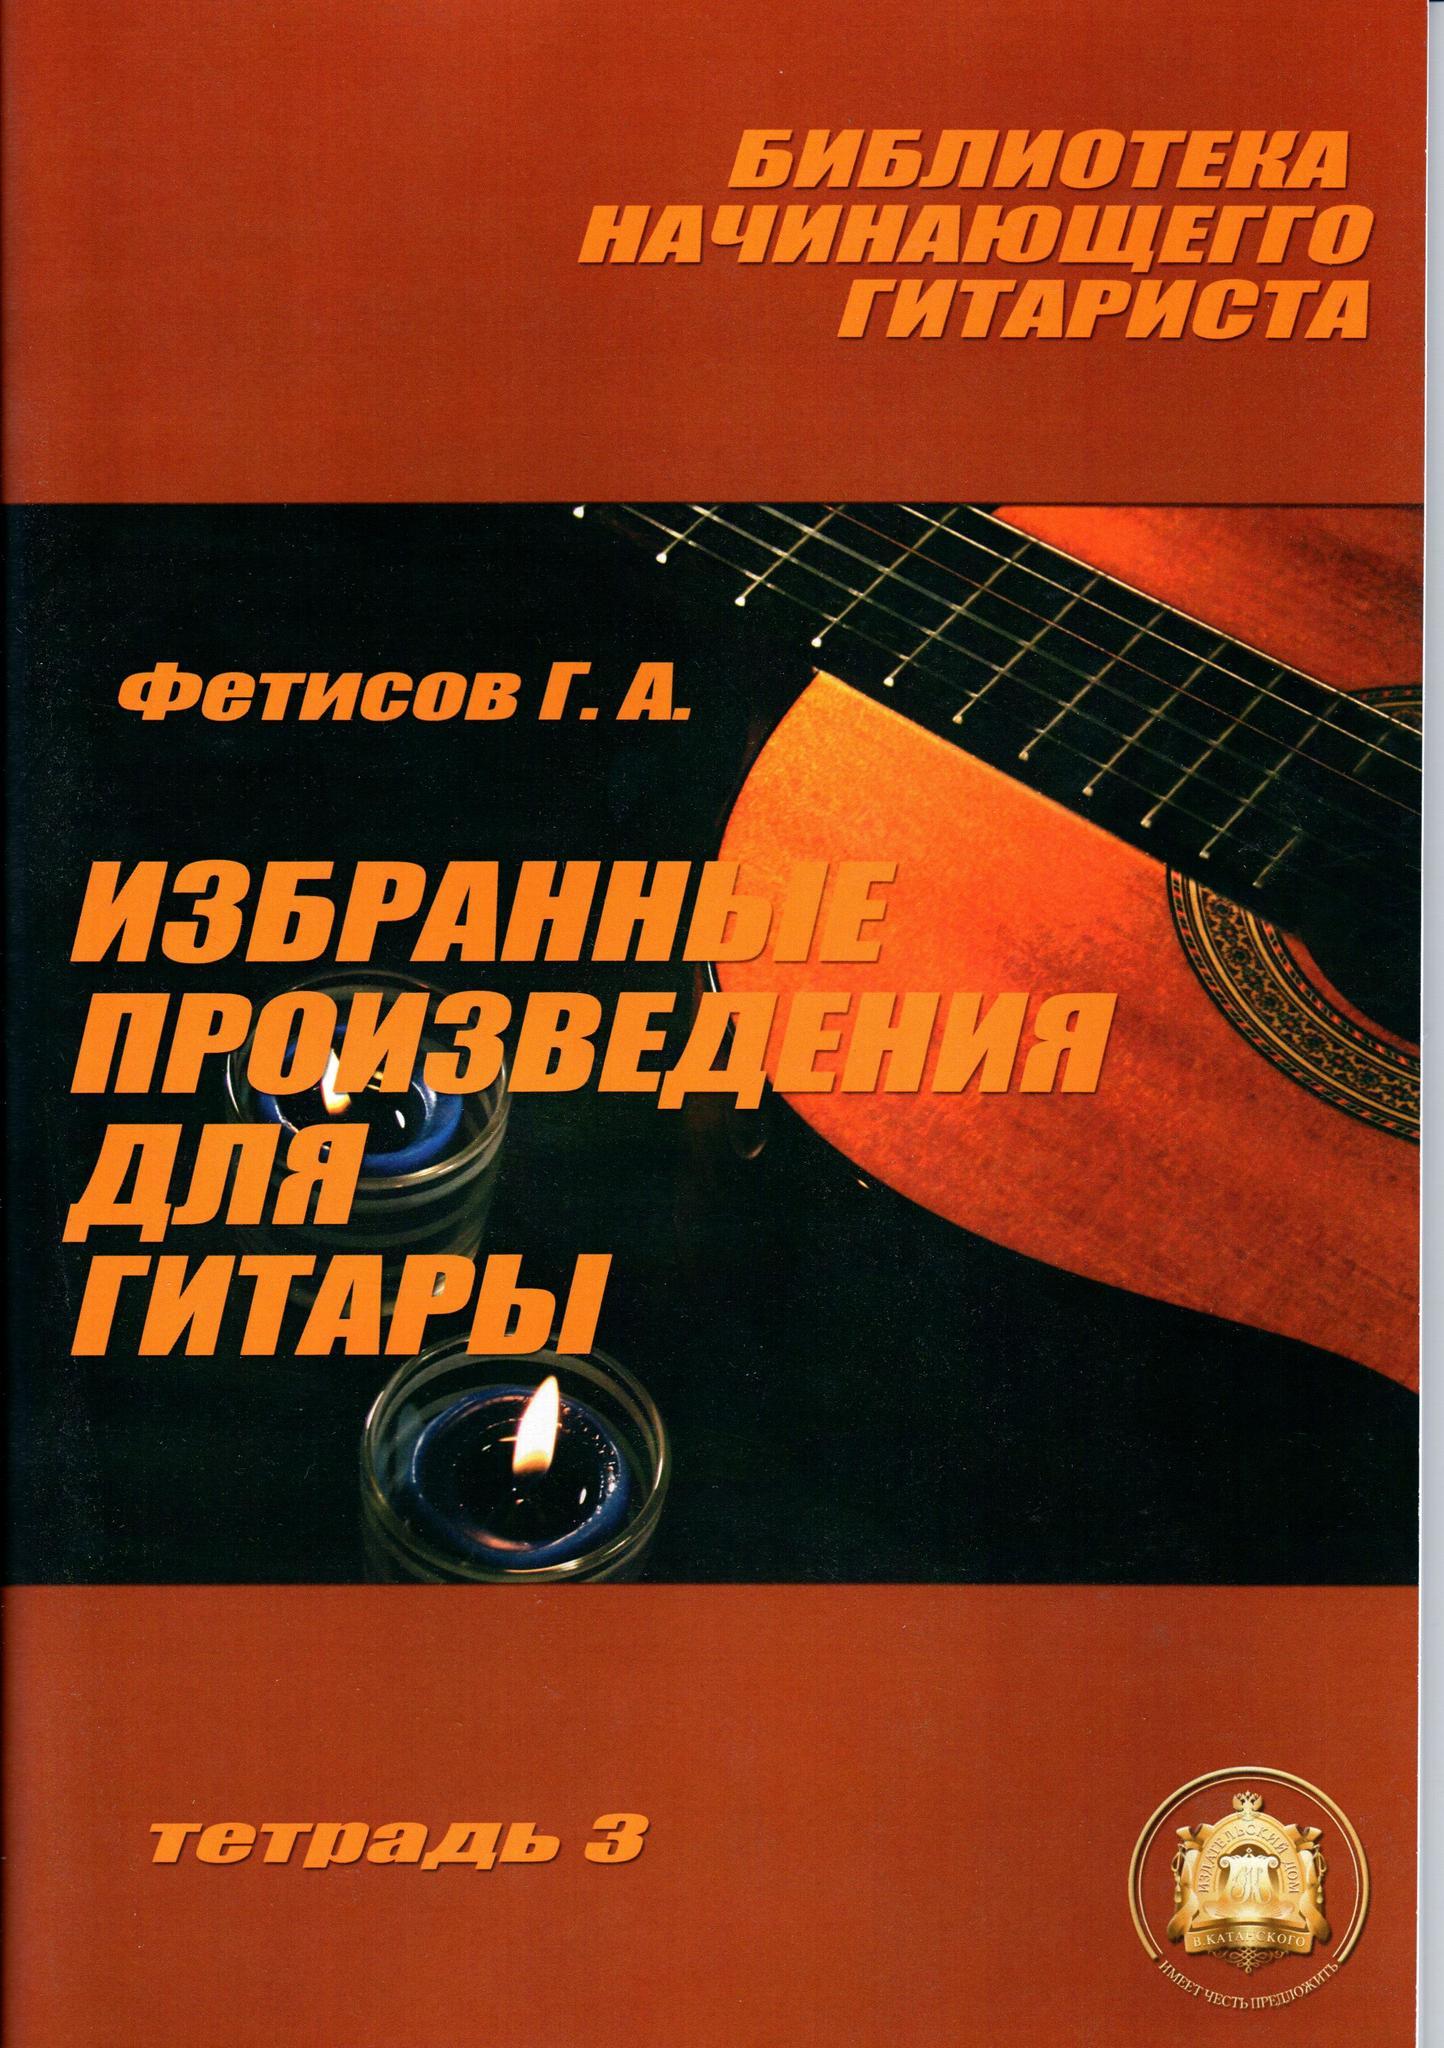 Фетисов Г. А. Библиотека начинающего гитариста. Избранные призведения для гитары.Тетрадь 3.